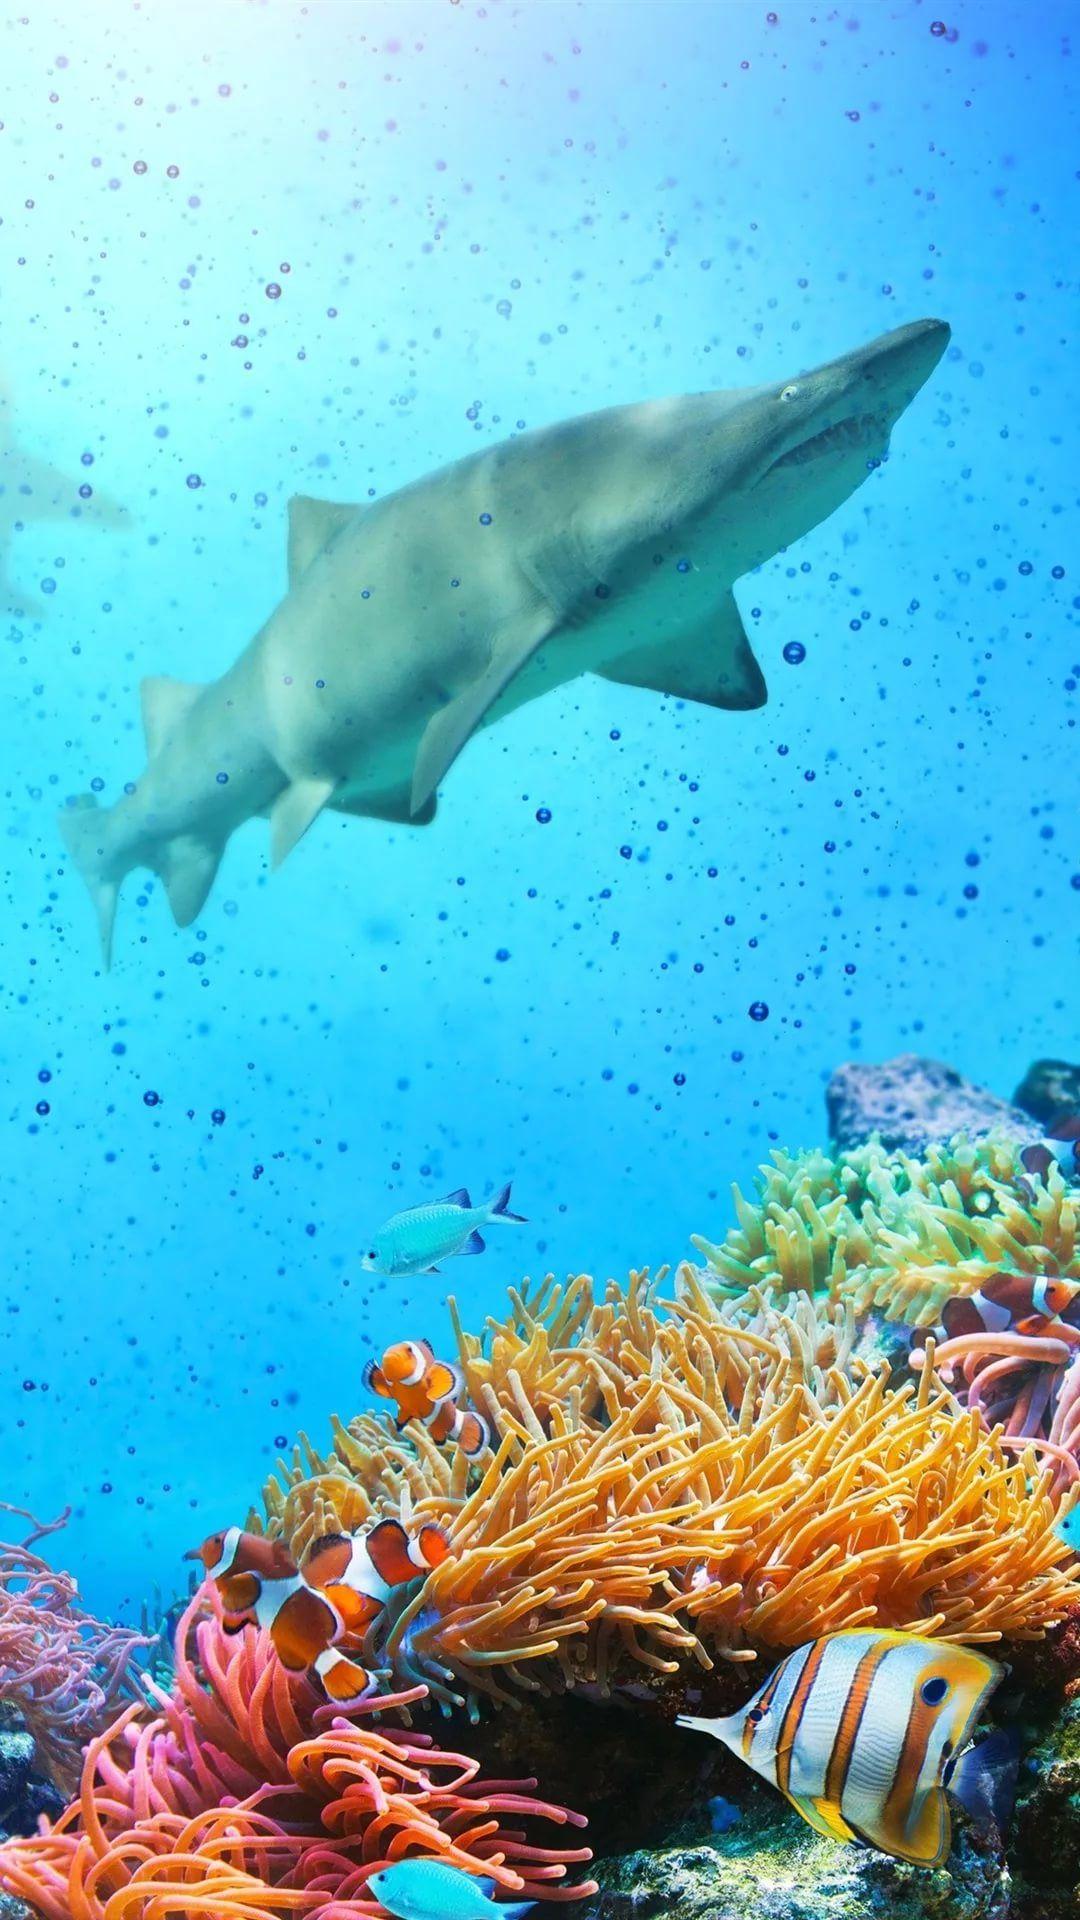 Free Tropical Fish iPhone lock screen wallpaper